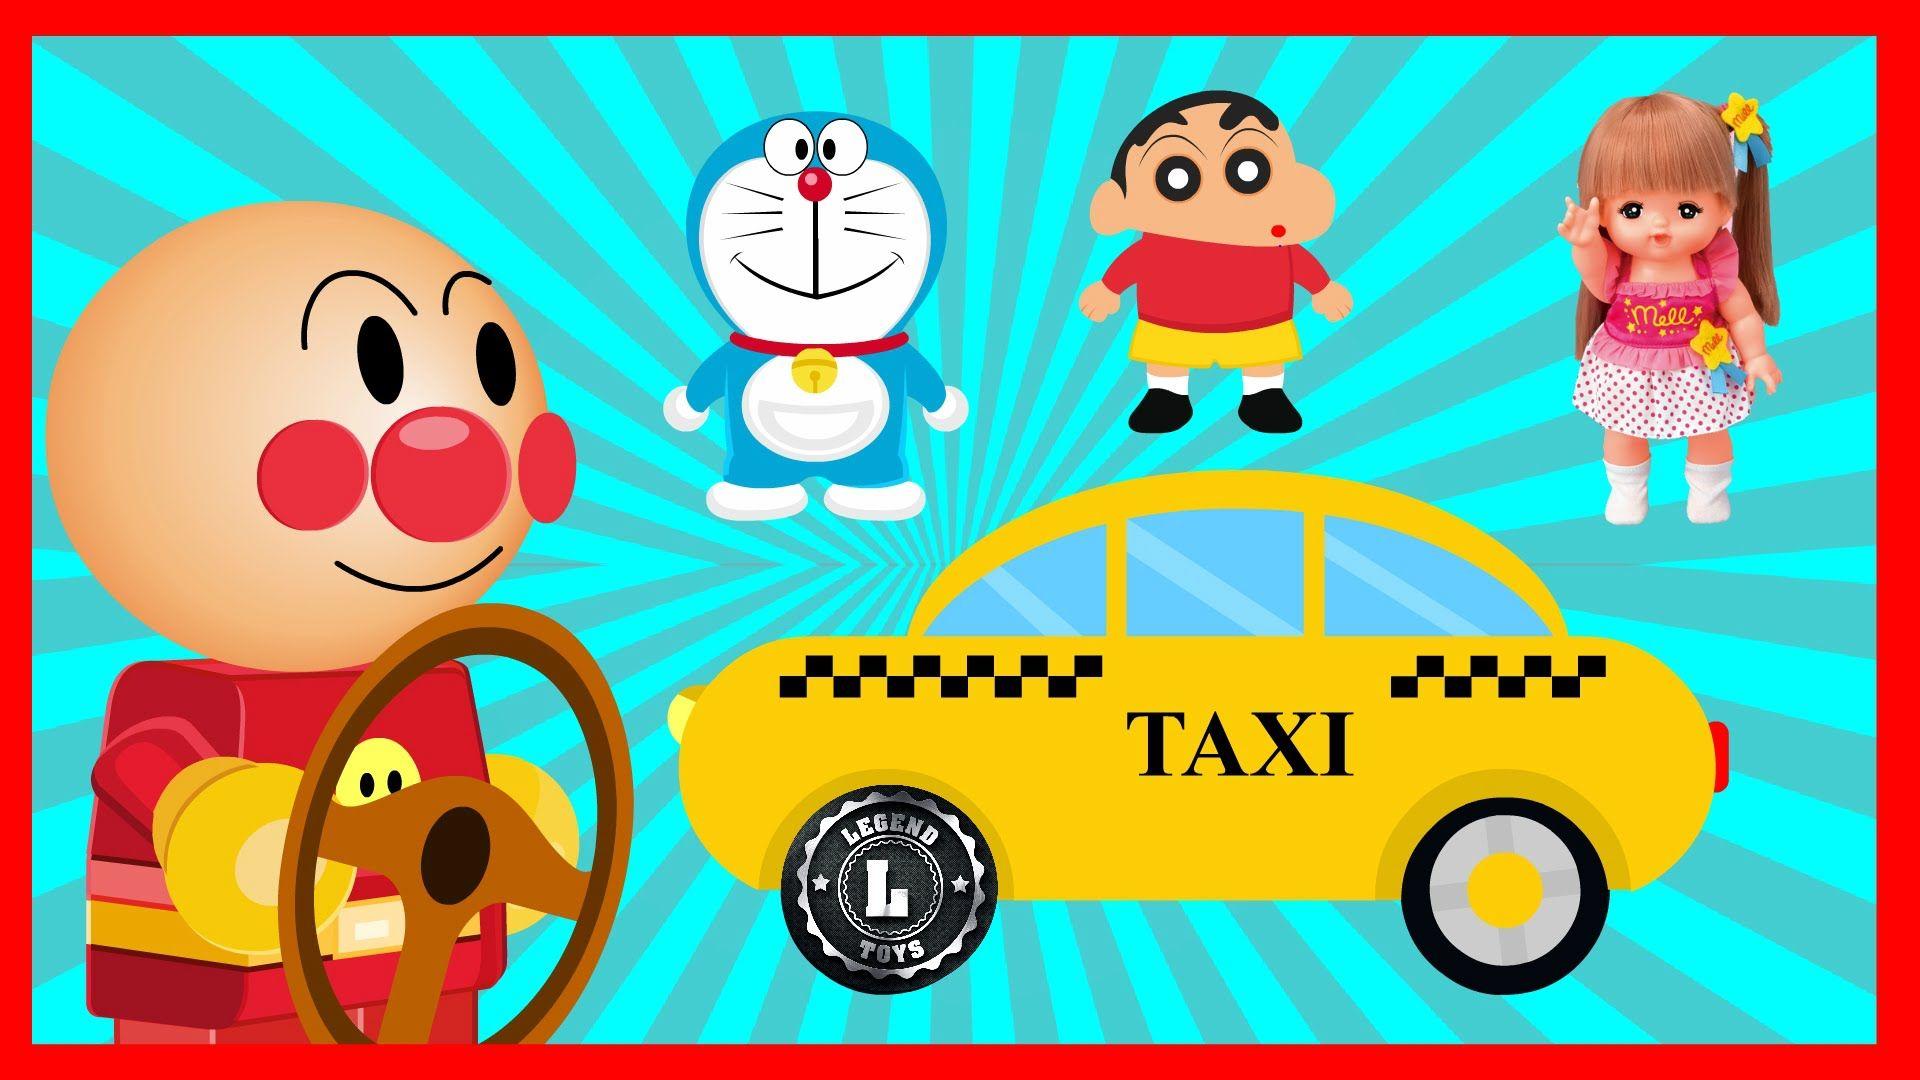 Anpanman Toys Anime Extra Edition 04 Taxi Anpanman with